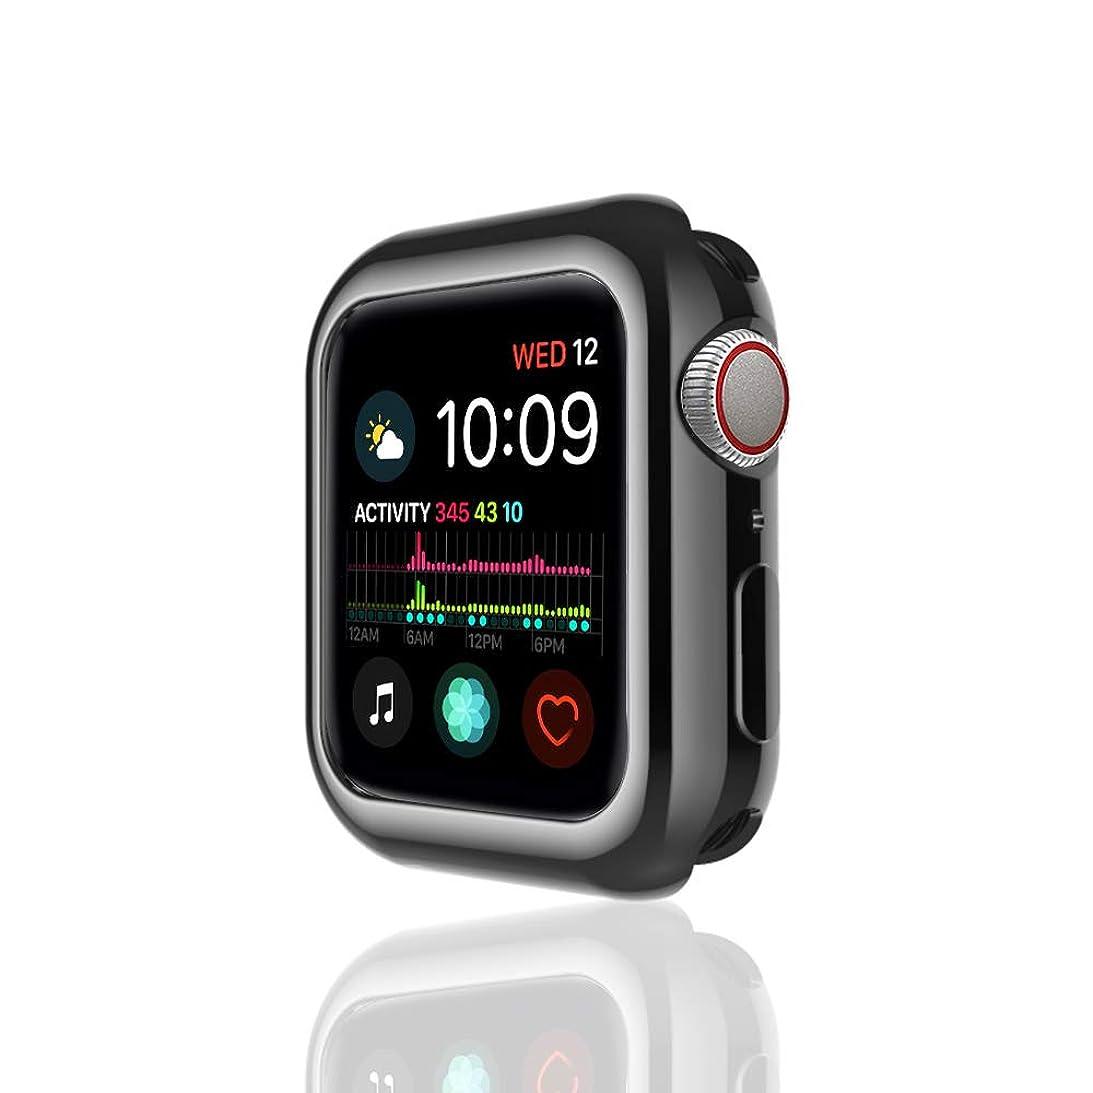 野心注ぎます飛行場apple watch 44mm ケース TPU 超薄型 着装まま充電可能 耐衝撃 アップルウォッチ4 カバー Apple Watch Series4専用 精密操作 脱着簡単 高級感 apple watch ケース 40/44mm ブラック シルバー レッド ゴールド (44, 黑)